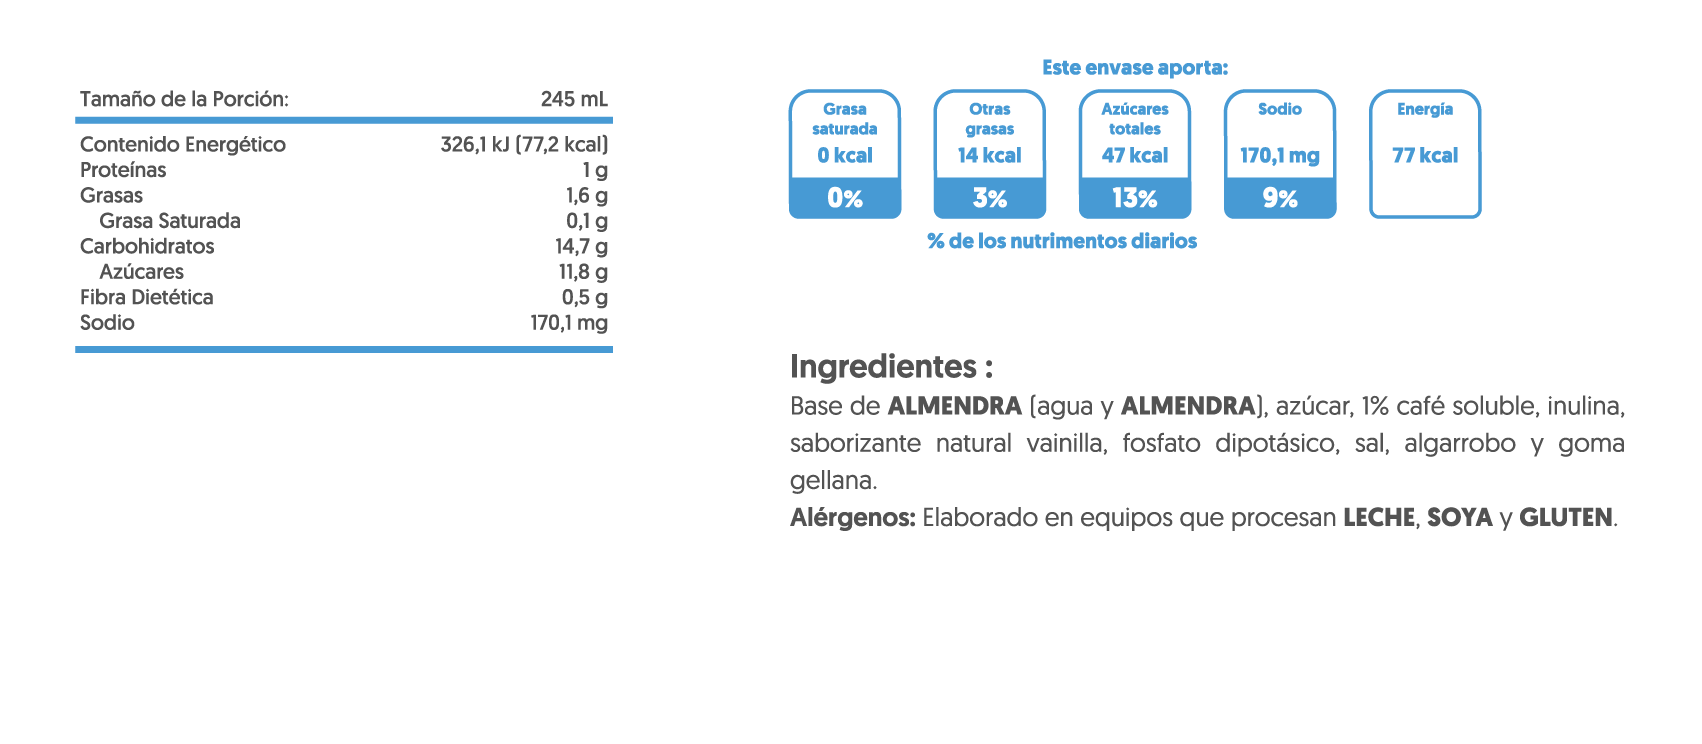 TN-CAFE VAINILLA 245ml